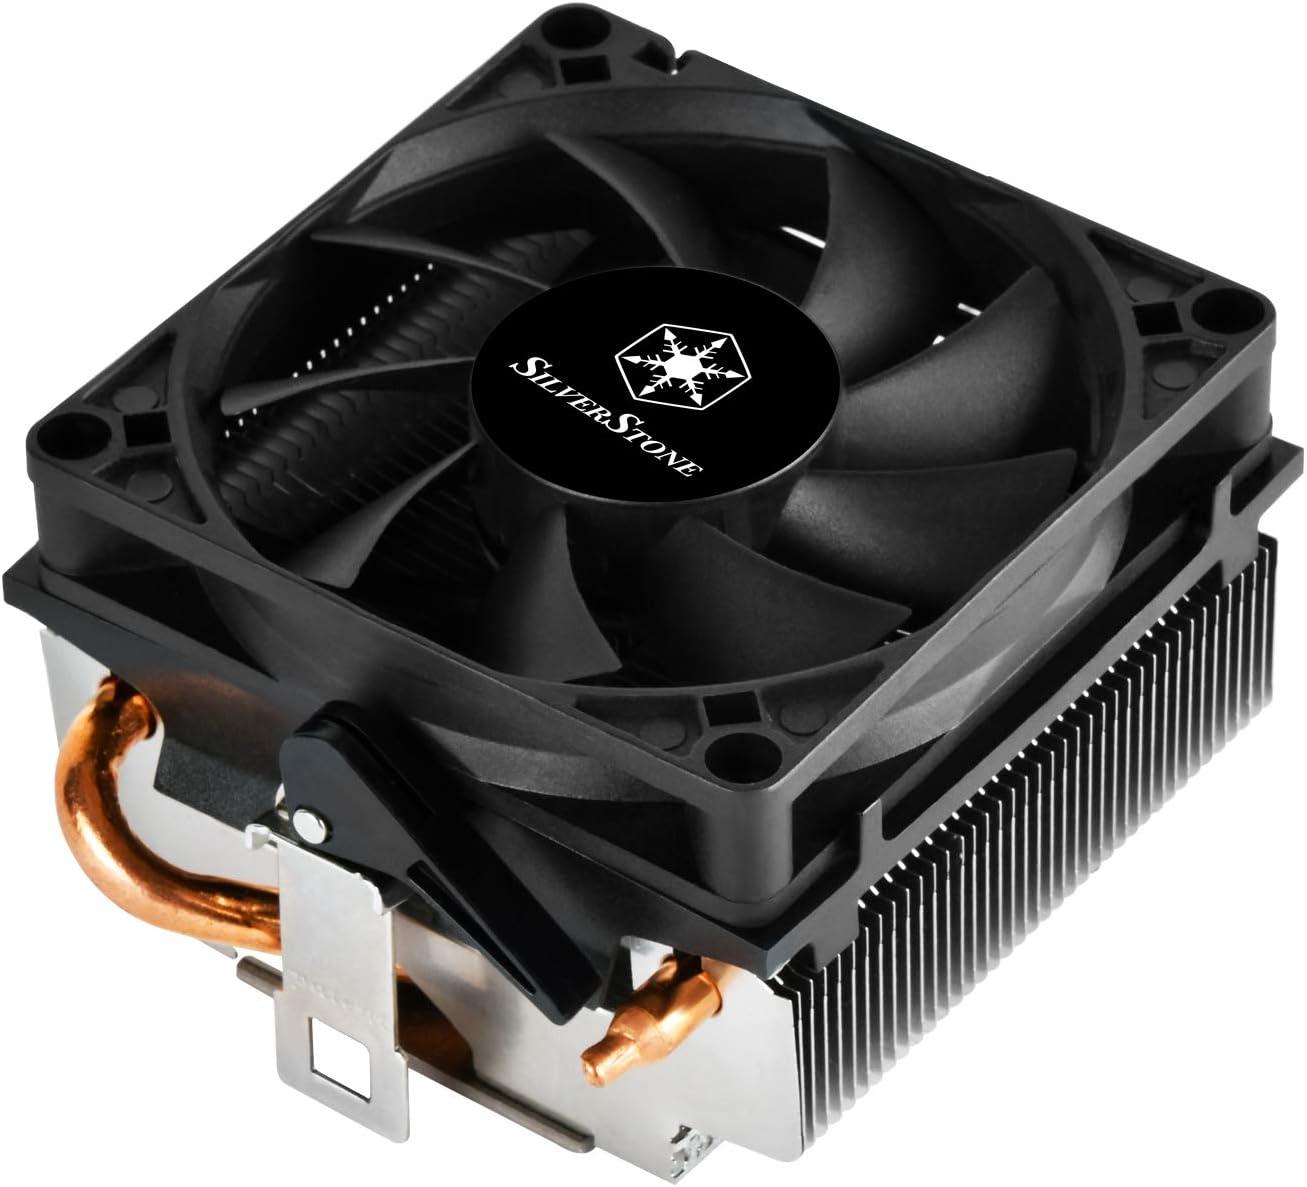 SilverStone SST-KR01 - Disipador Kryton para CPU, perfil bajo, PWM de 80mm con rodamientos duales delgados, 54mm de alto, Zócalo AMD AM2/AM3/AM4/FM1/FM2